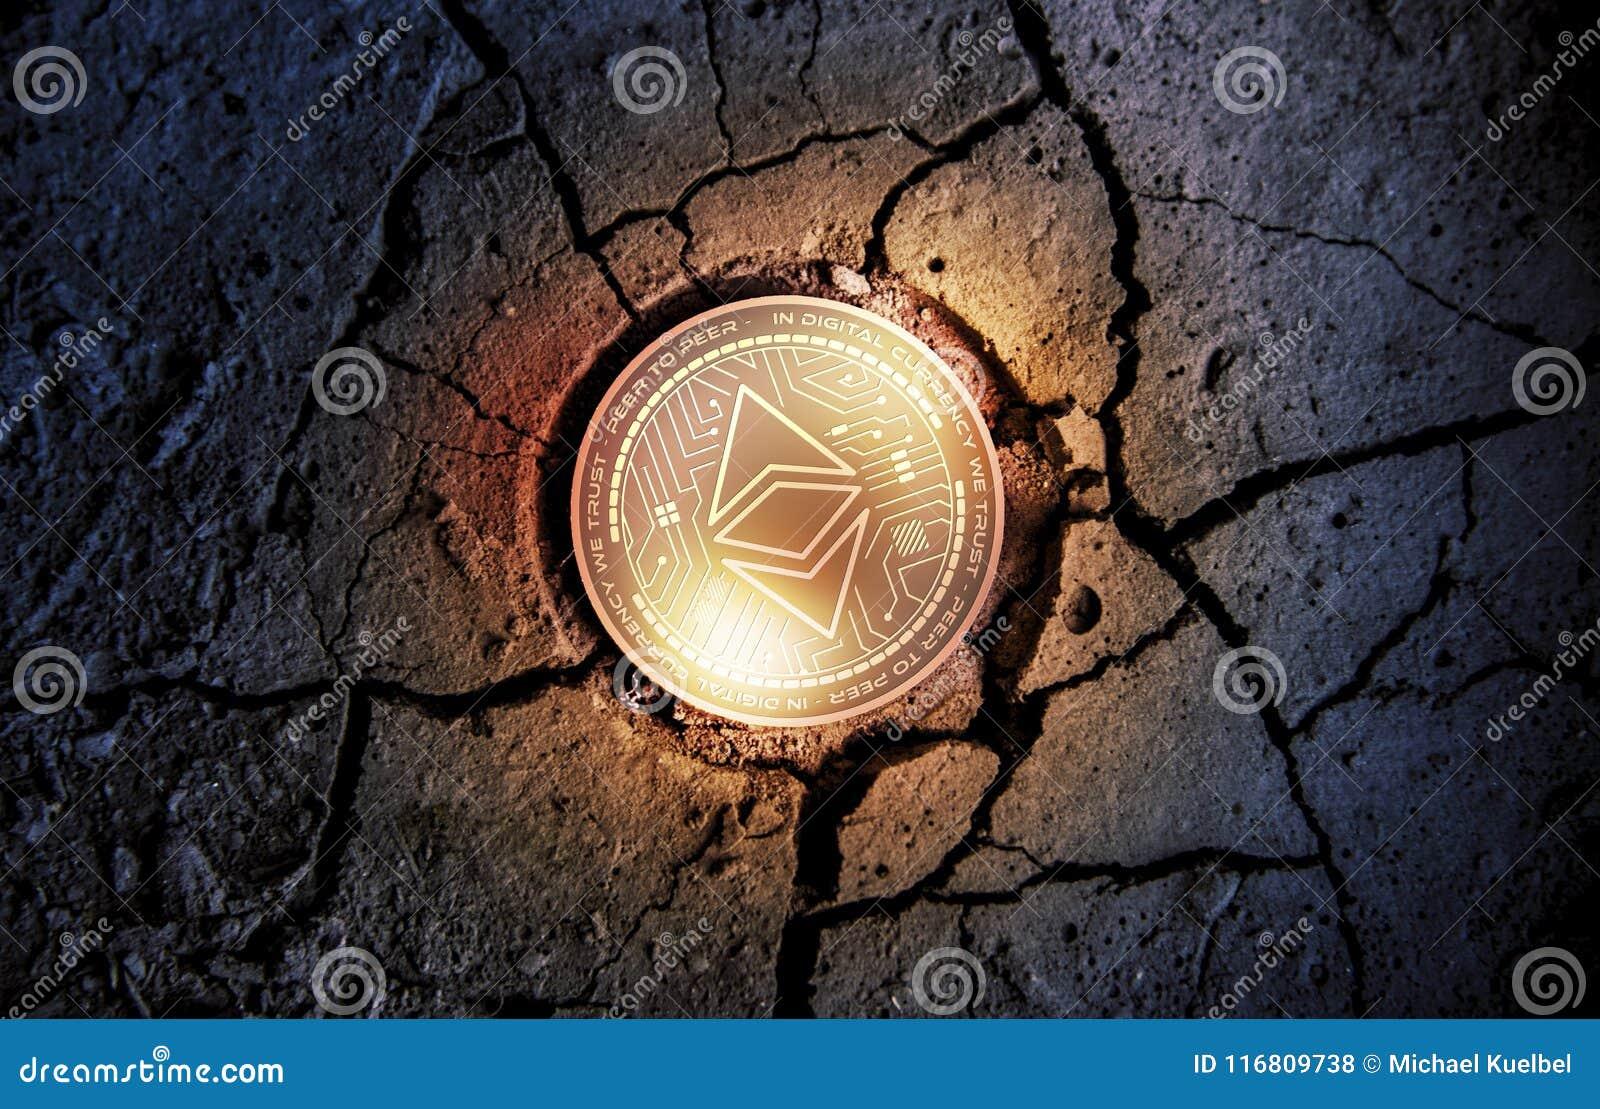 Błyszcząca złota ETHEREUM cryptocurrency KLASYCZNA moneta na suchym ziemskim deserowym tle minuje 3d renderingu ilustrację